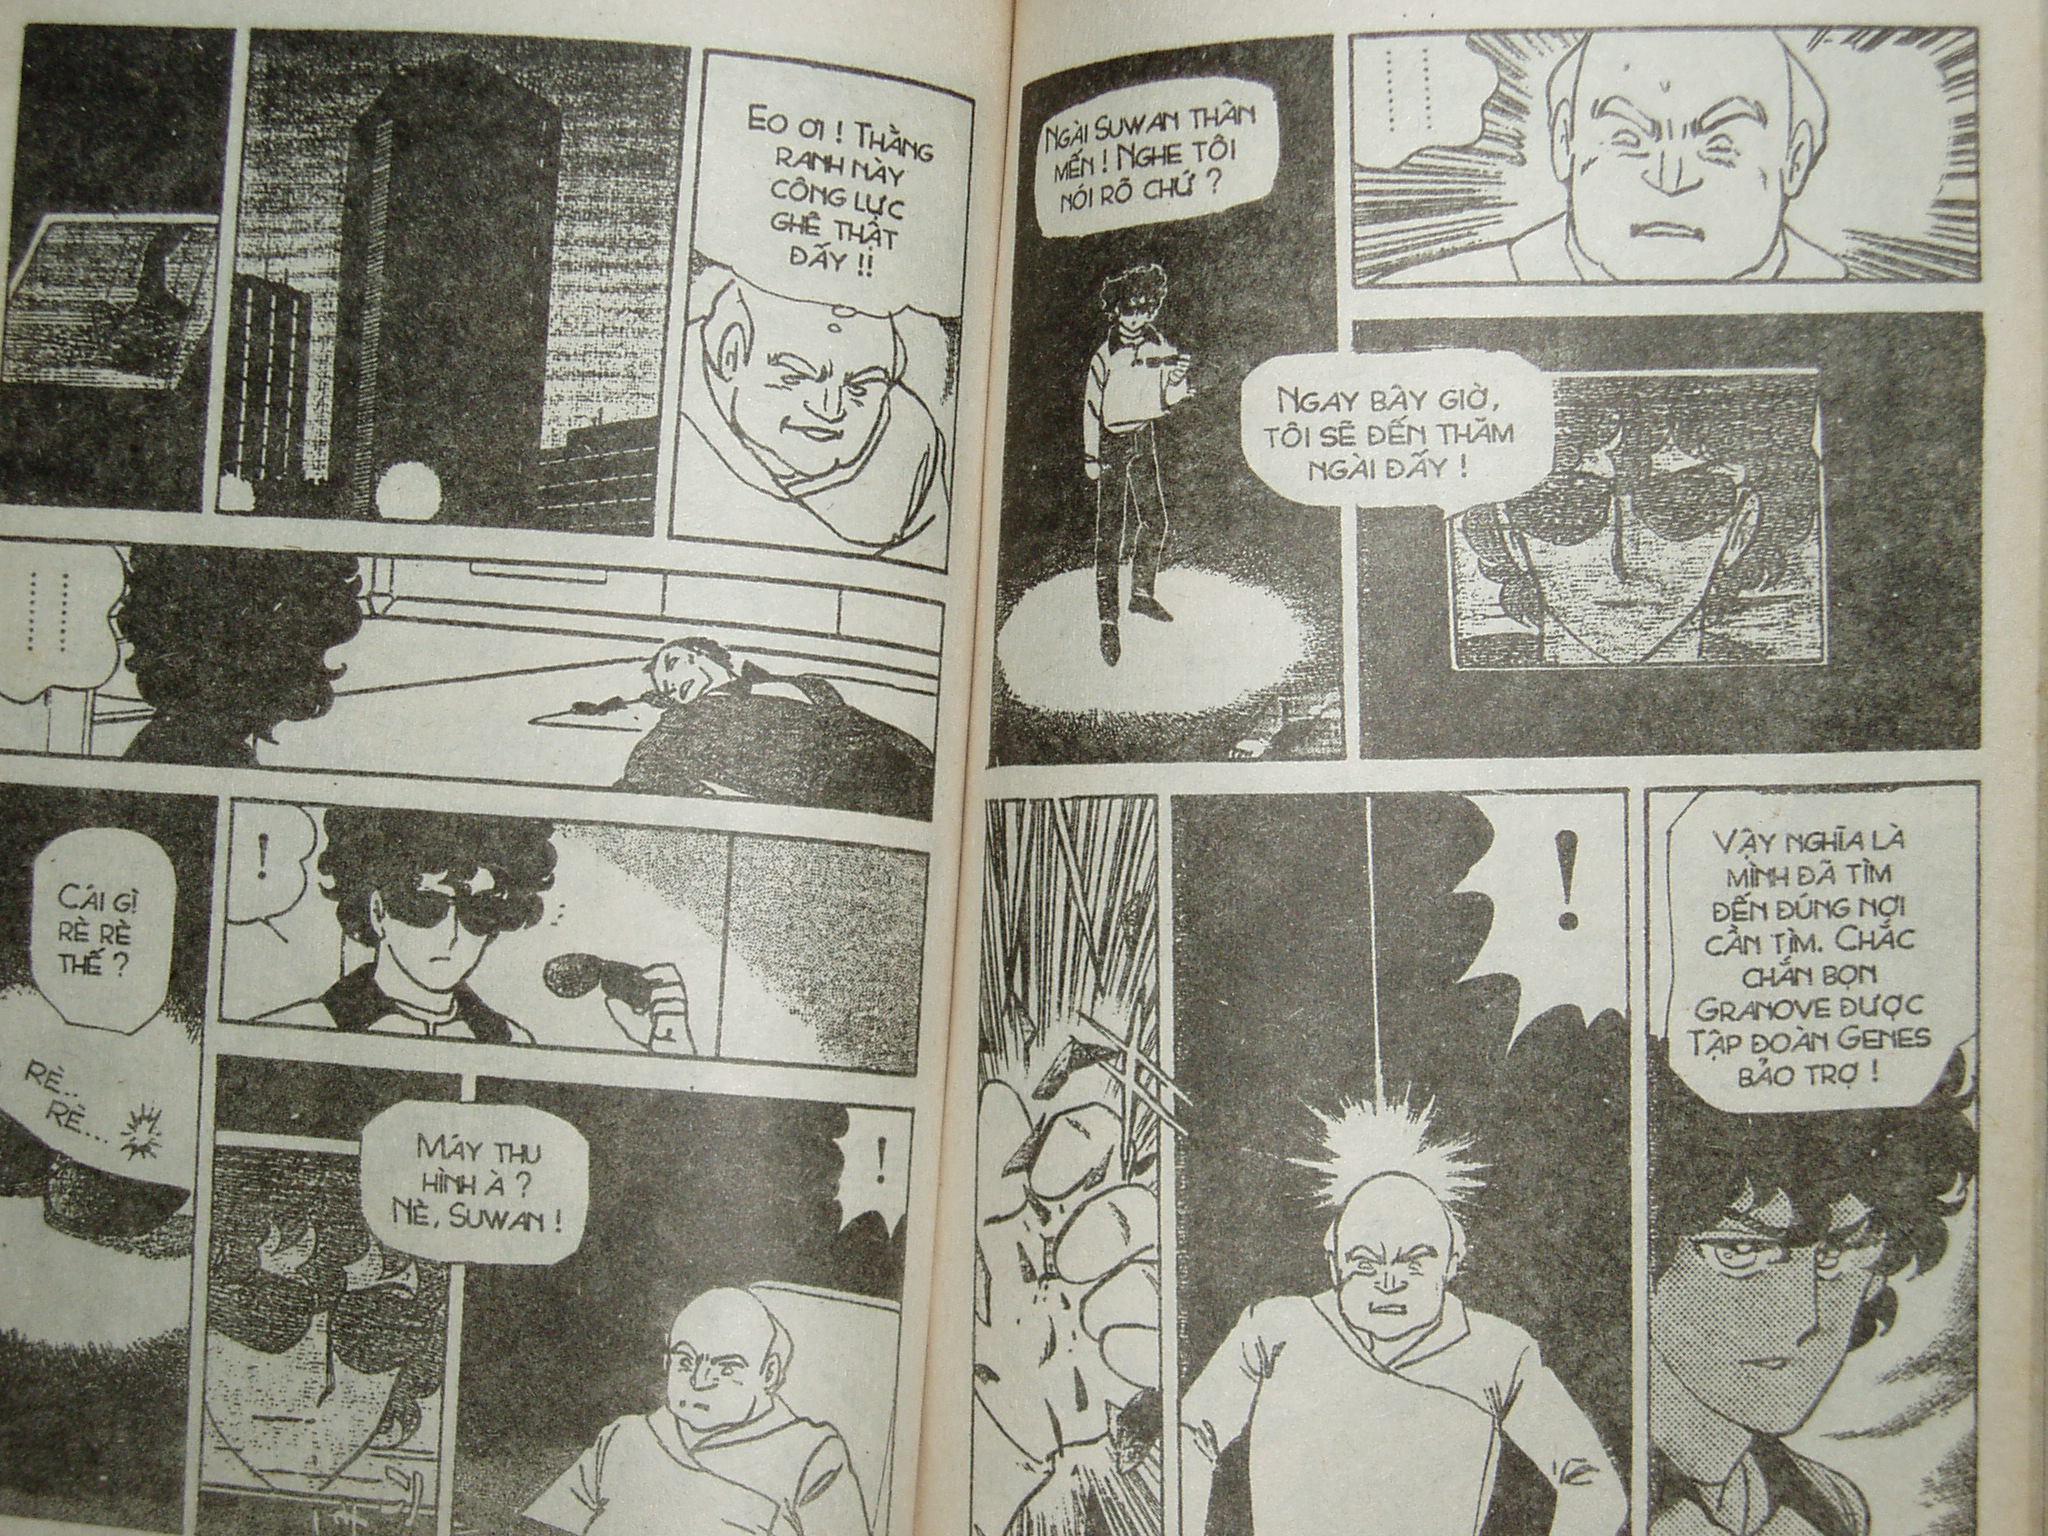 Siêu nhân Locke vol 14 trang 54